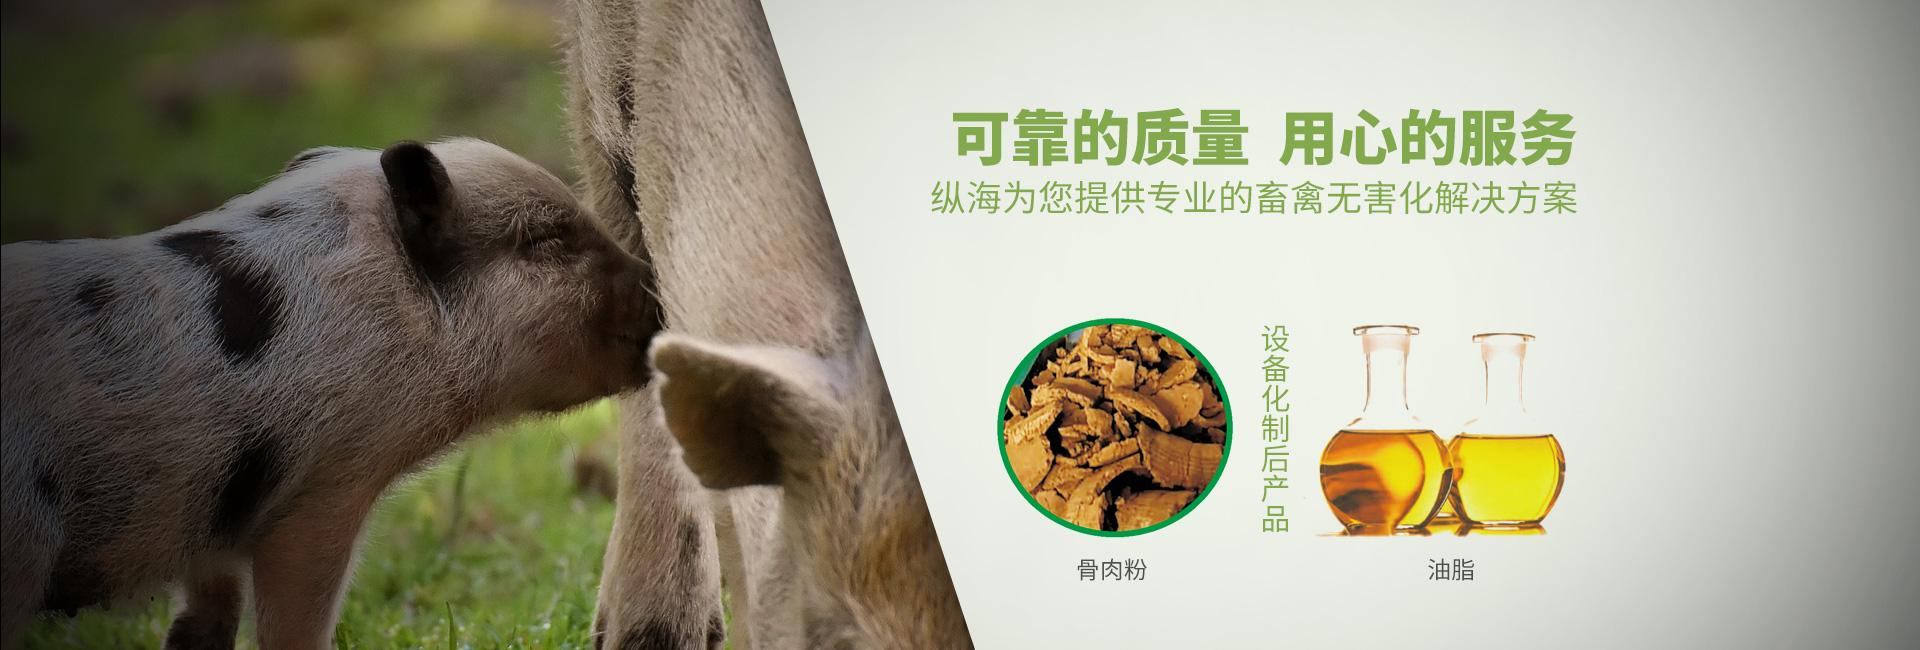 畜禽类污处理设备